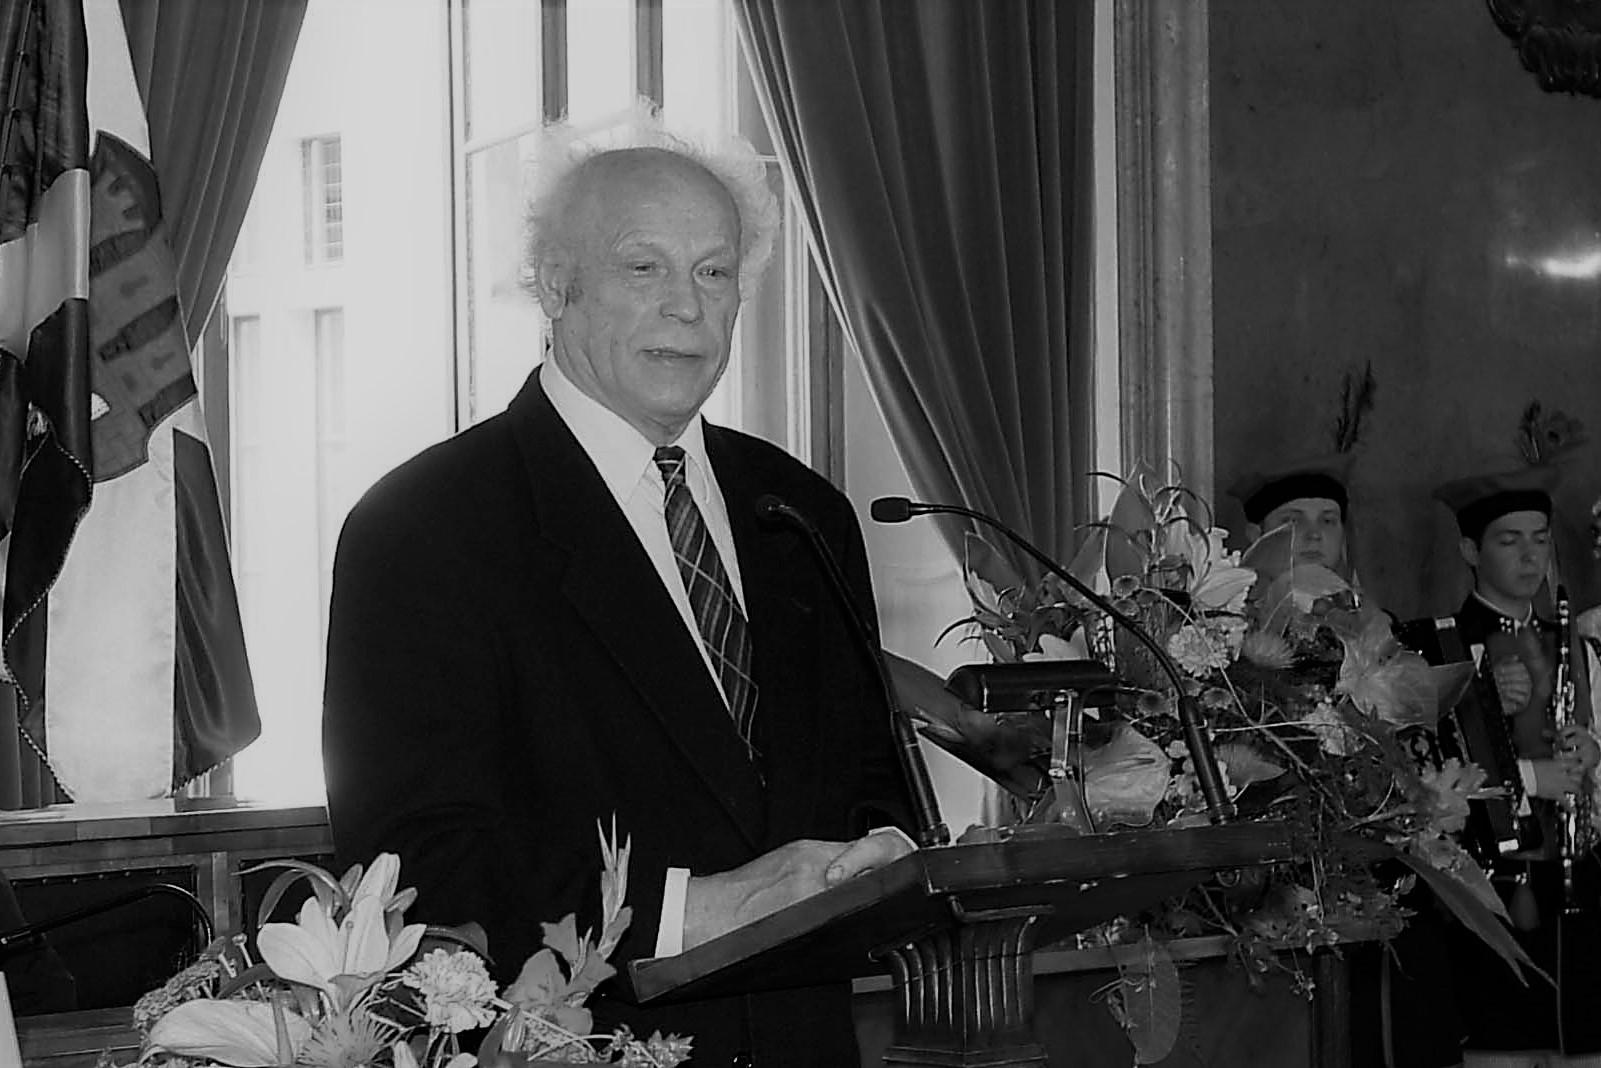 Nie żyje prof. Bronisław Chromy. Miał 92 lata